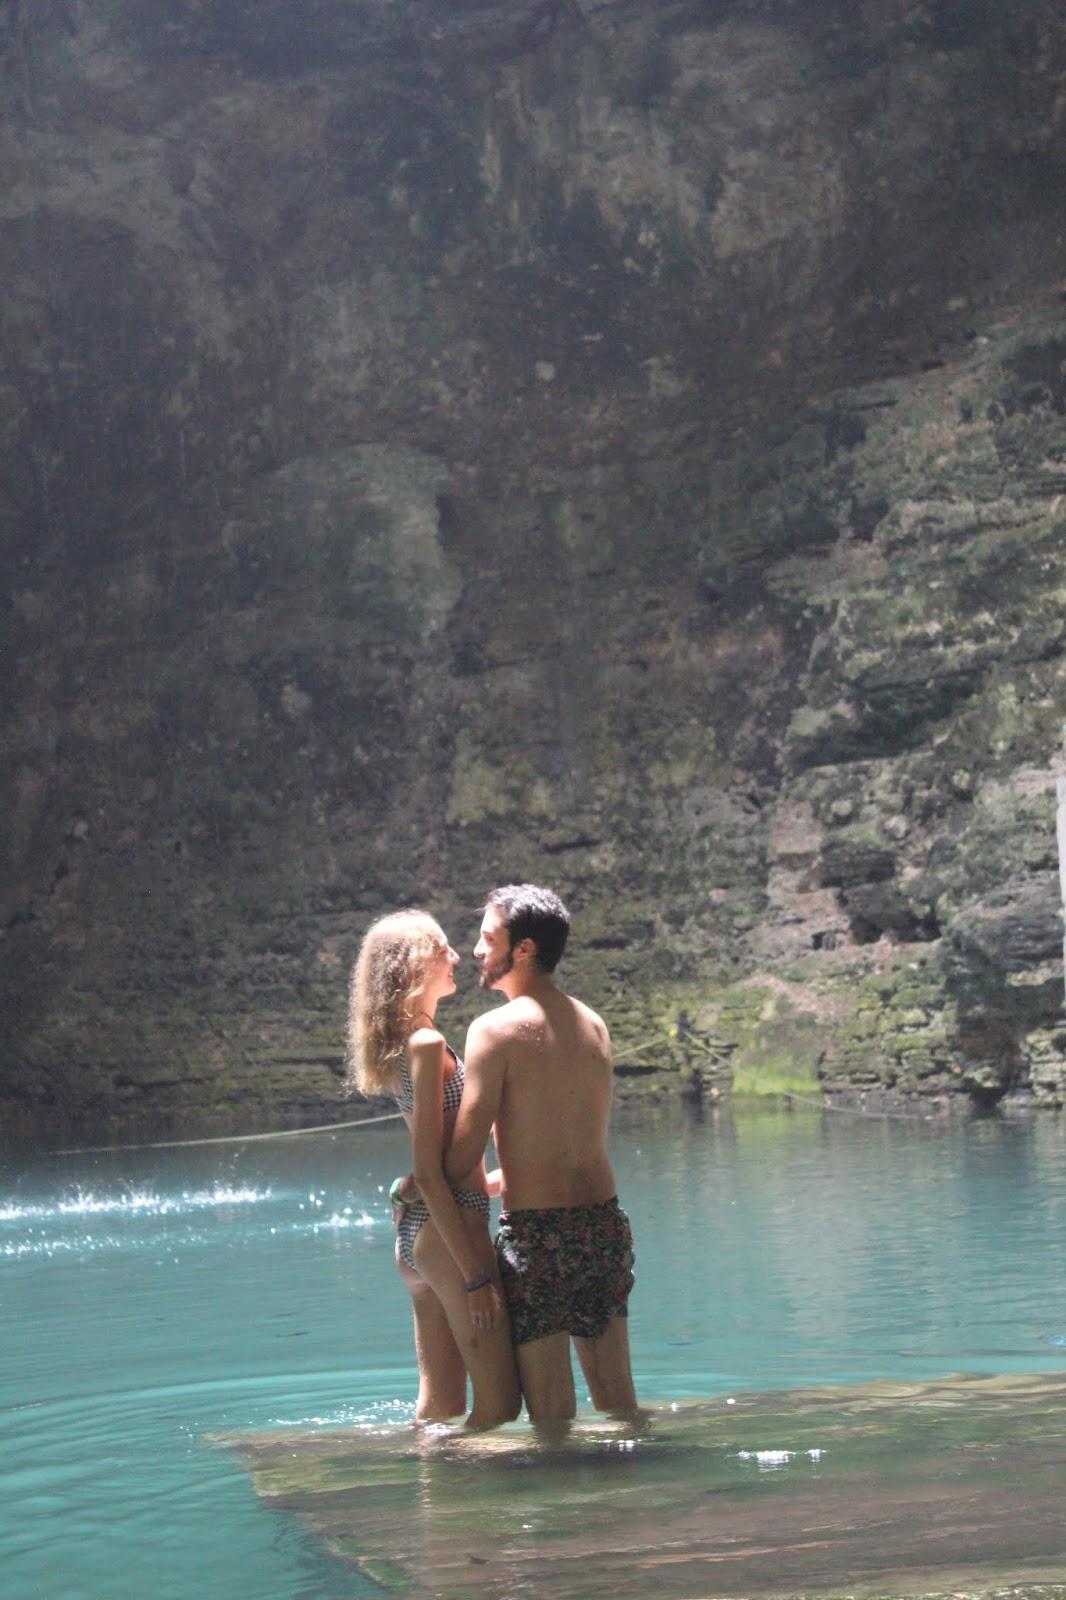 cenote hubiku qué excursiones hacer riviera maya mexico